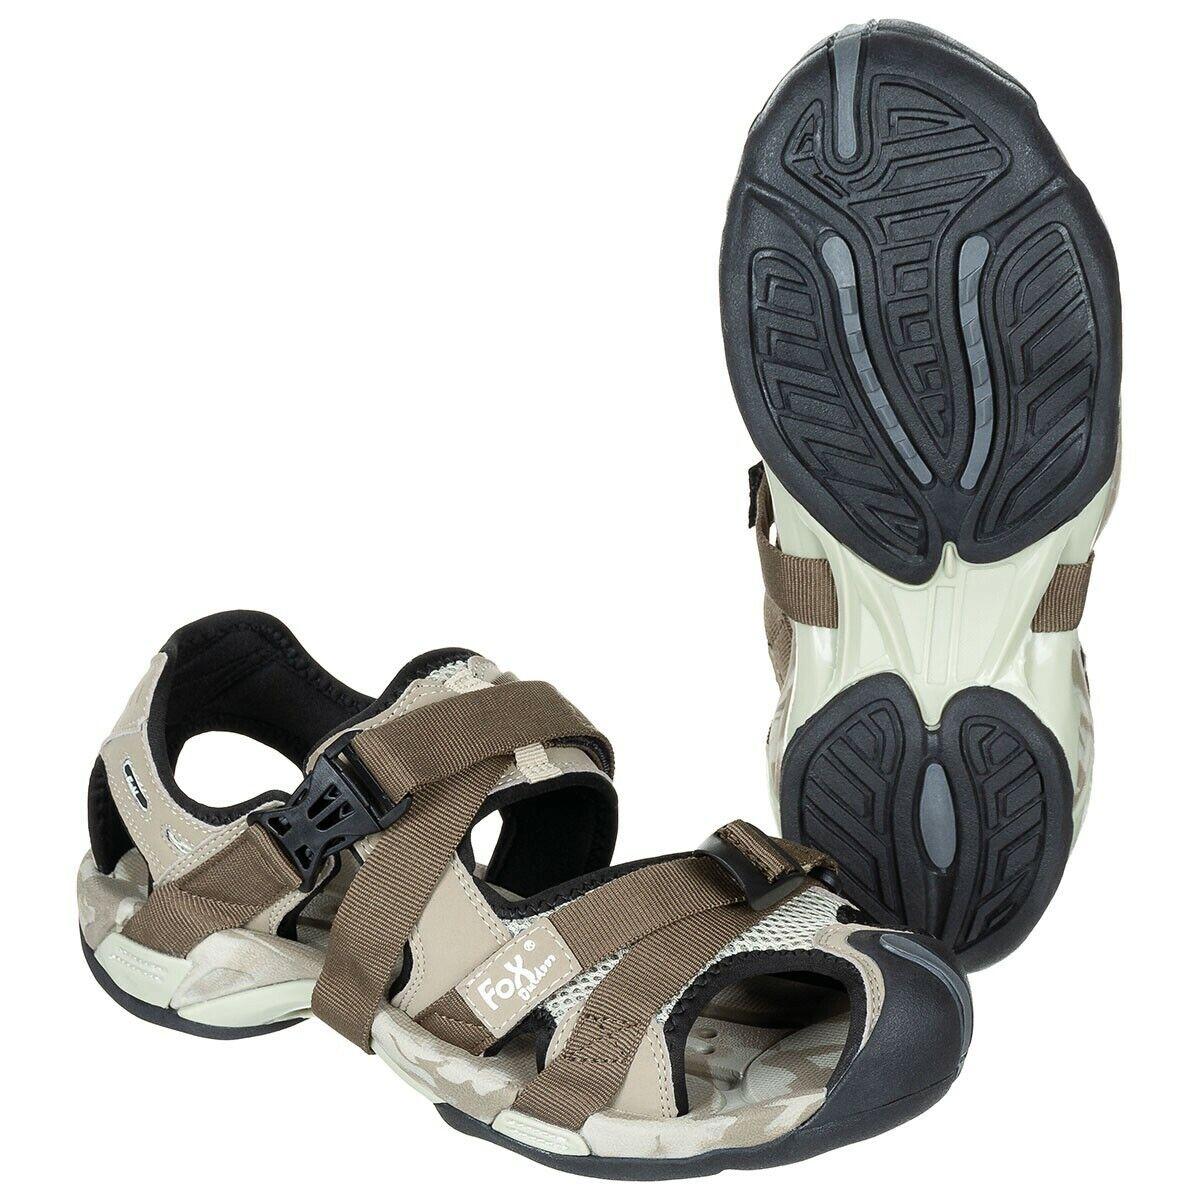 Fox Outdoor Schuhe Sandalen Mann Frau Ausflüge Trekking Sandals